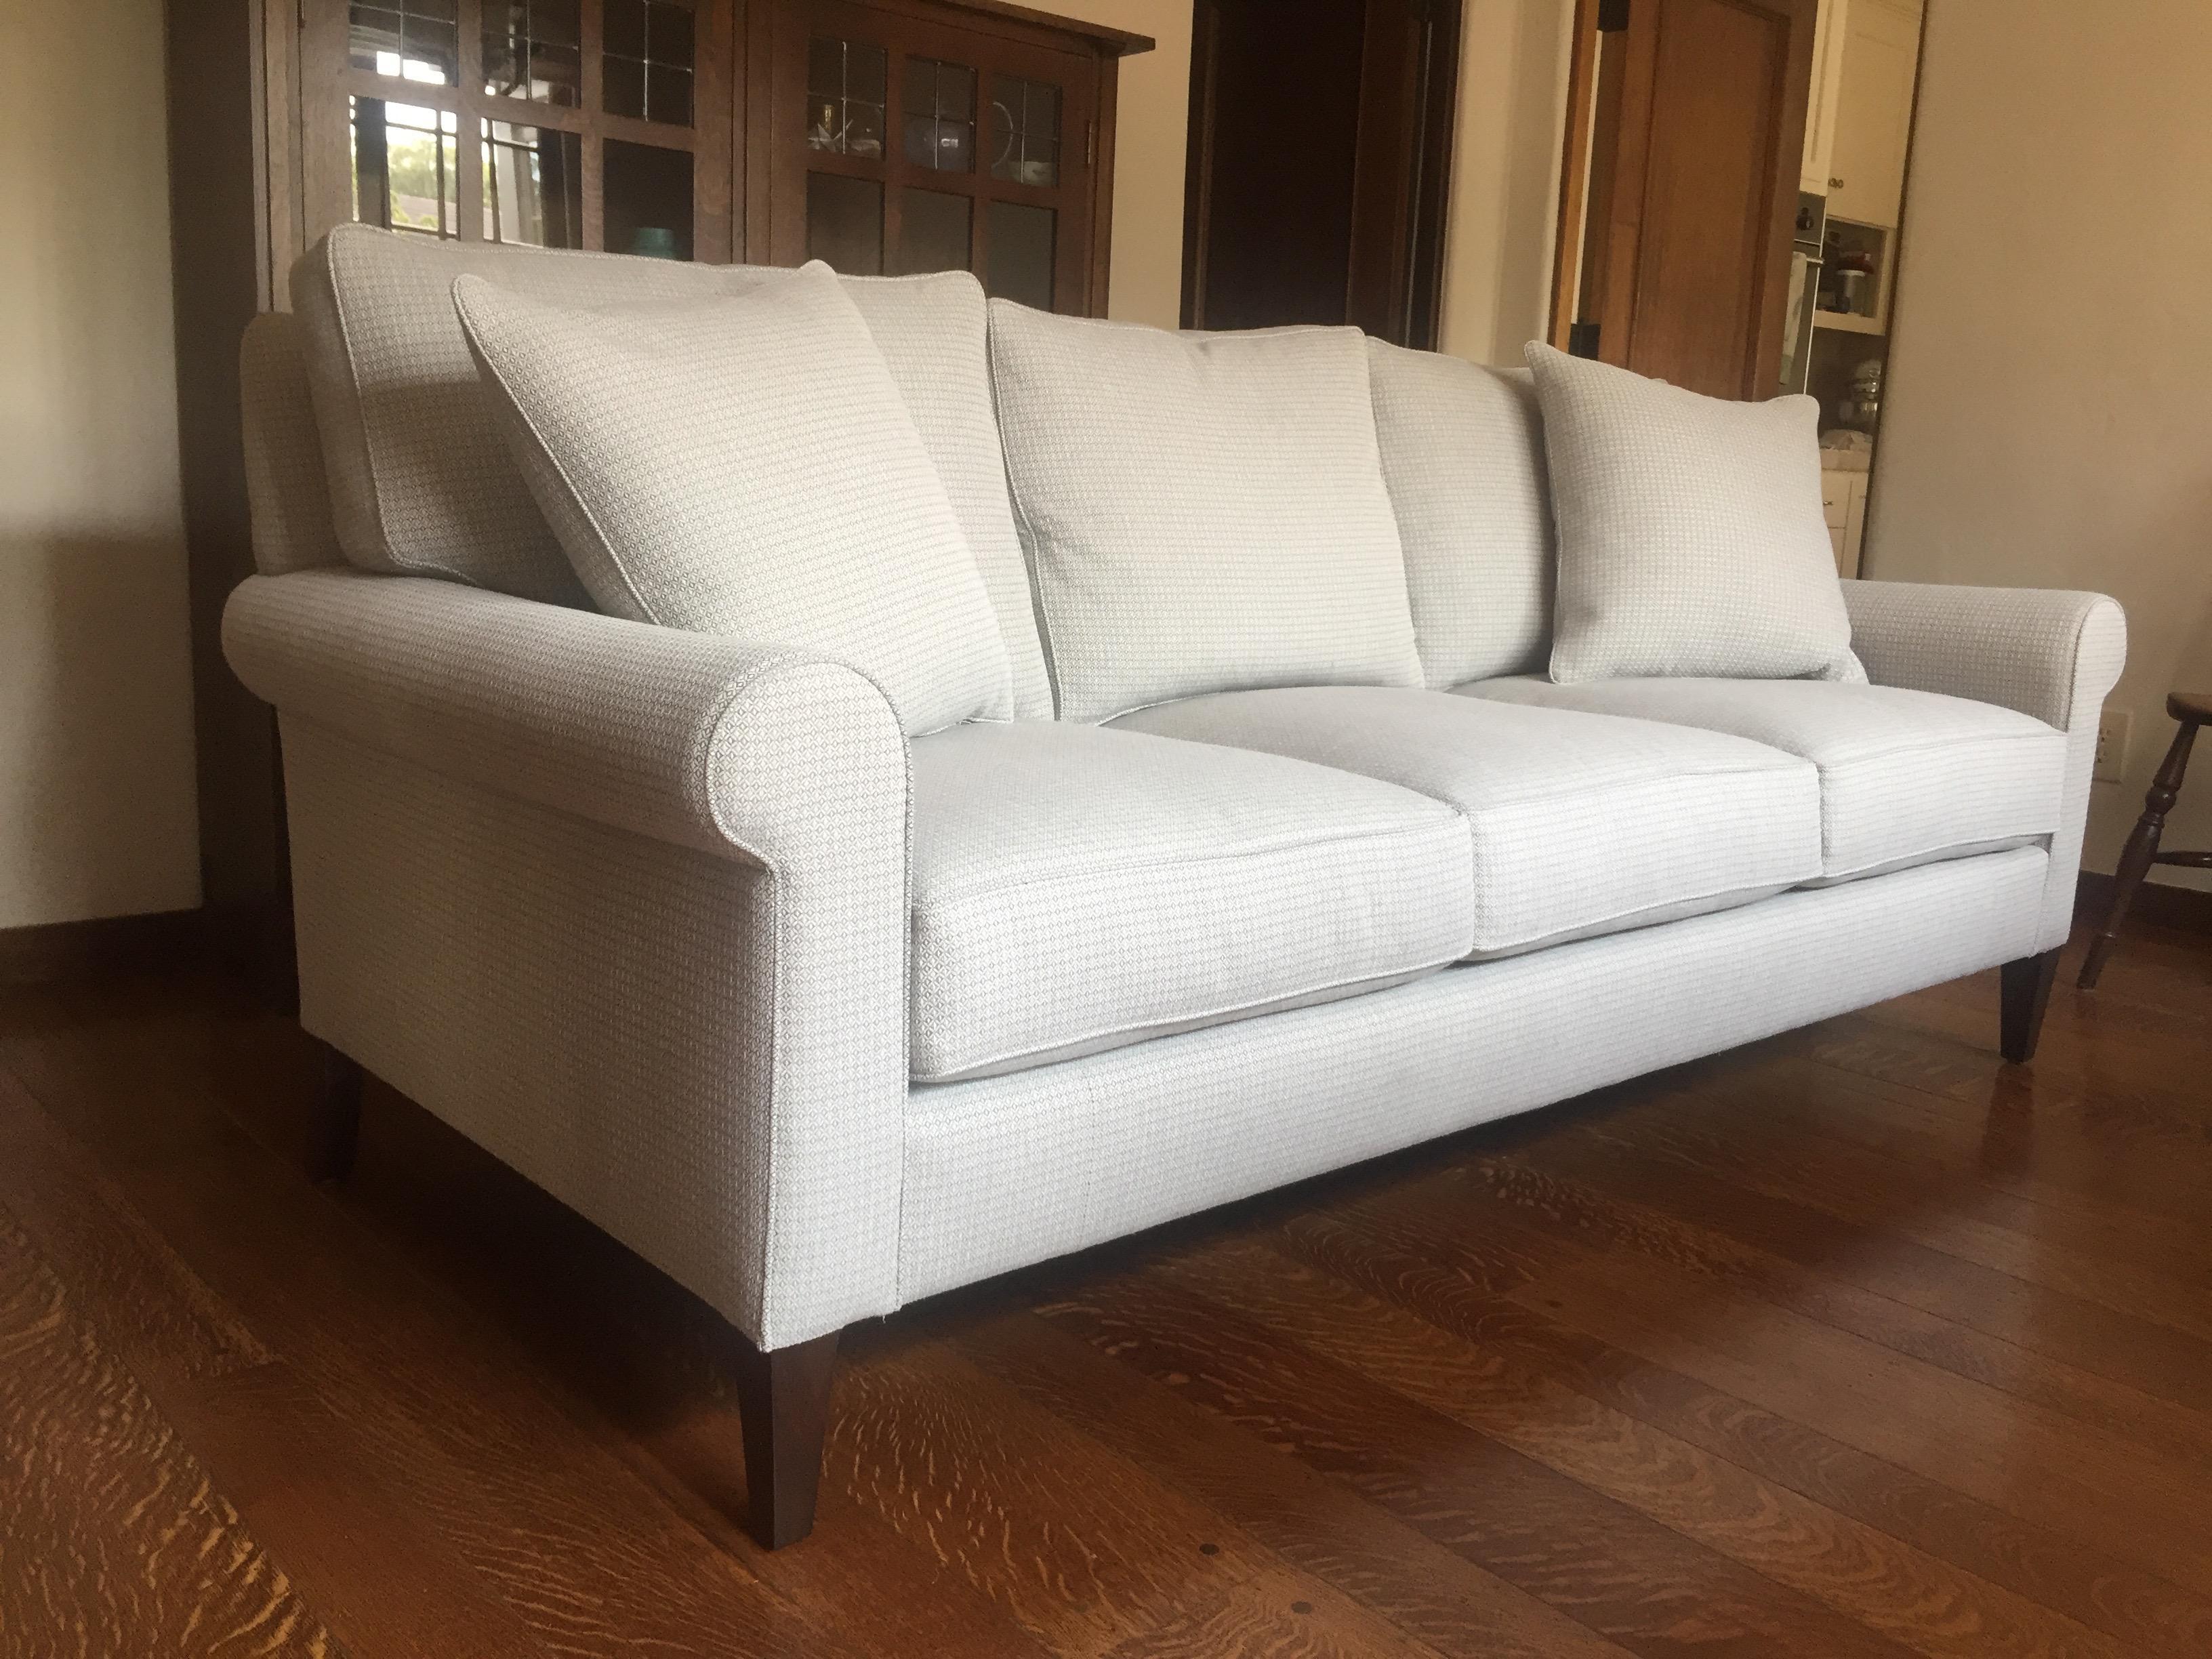 Kiln Dried Hardwood Frame Sofa - Prabhakarreddy.com -